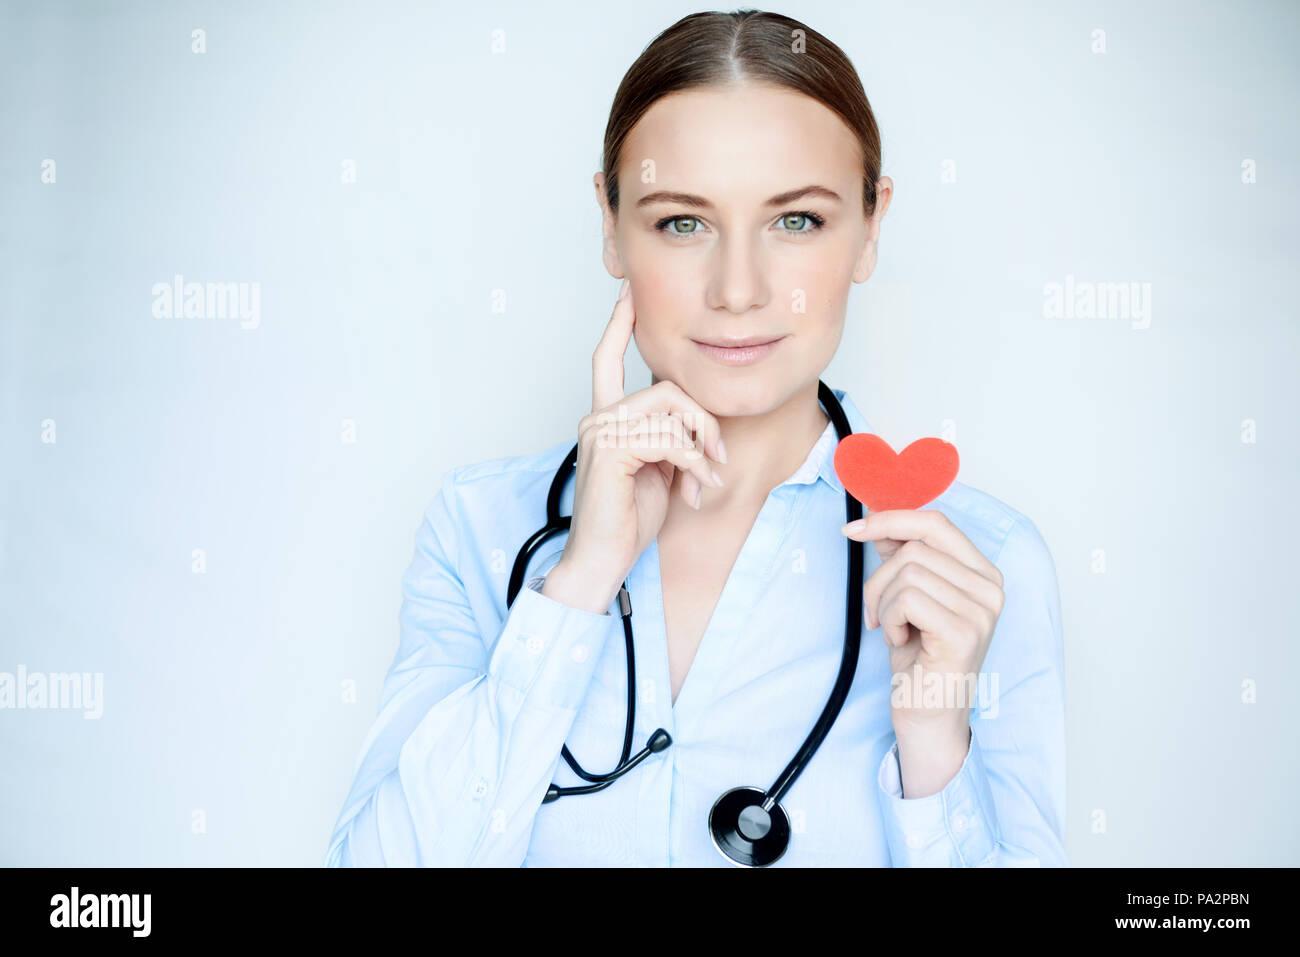 de23be4925777 Portrait d un médecin cardiologue